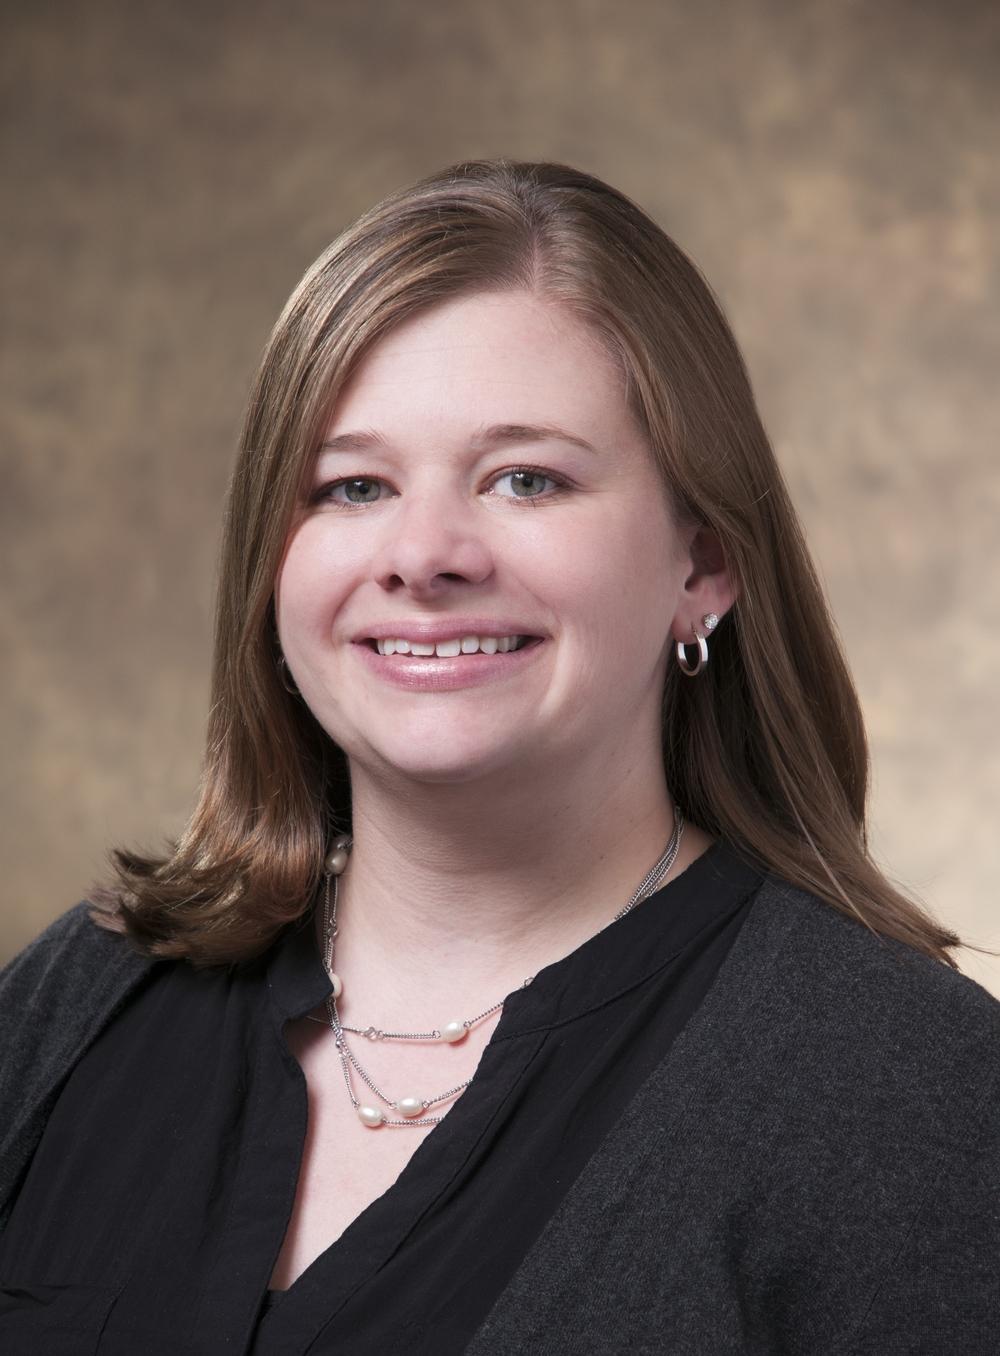 Dr. Ashley Whittington-Barnish